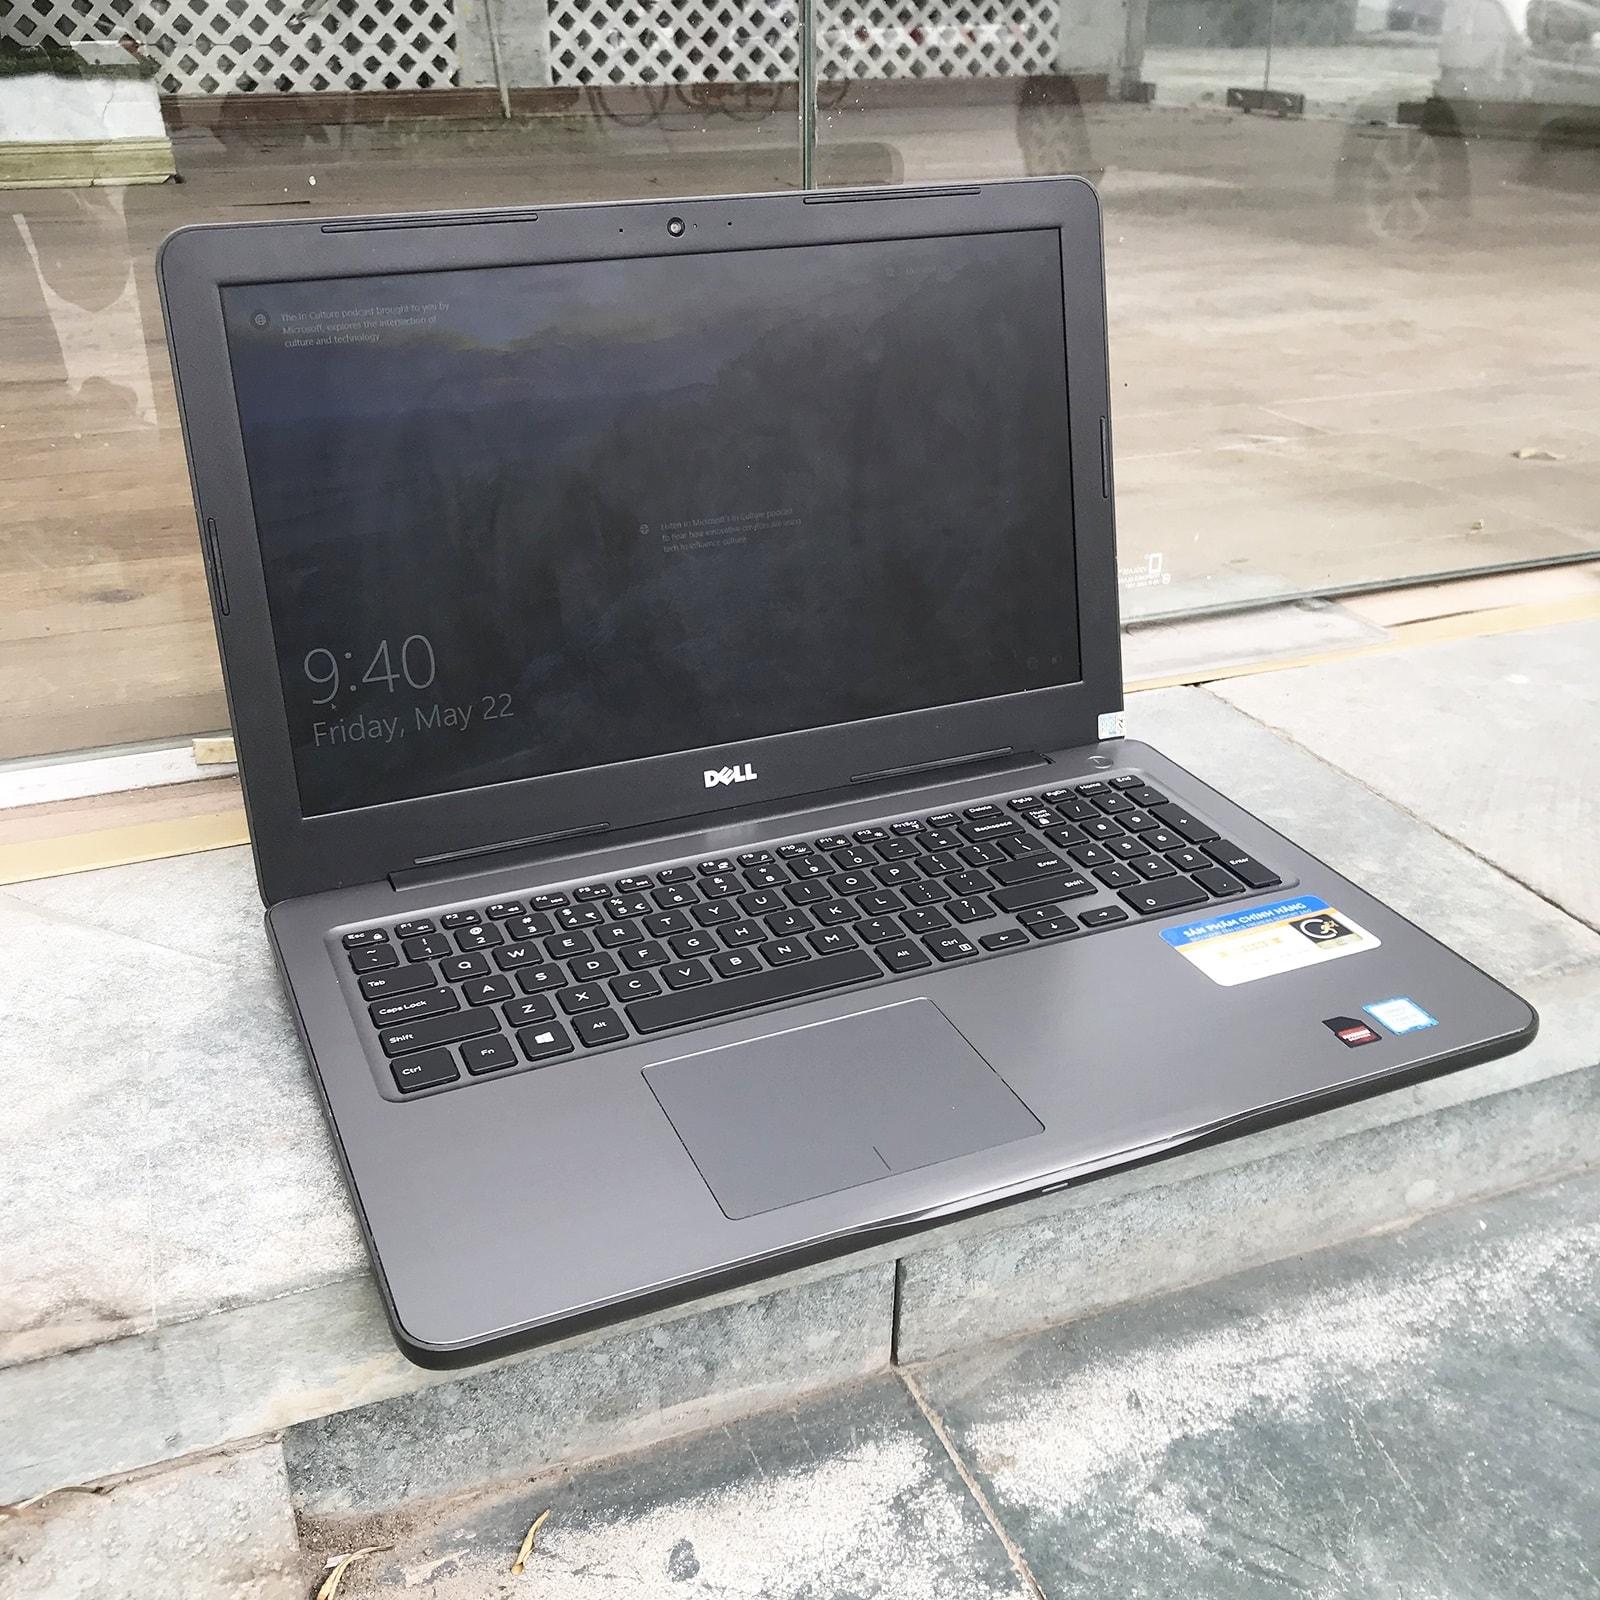 Dell Inspiron 5567 Core i5 7200U, Ram 8GB, SSD 120GB+ HDD 500GB, AMD R7 M445 2GB, 15.6 inch Full HD